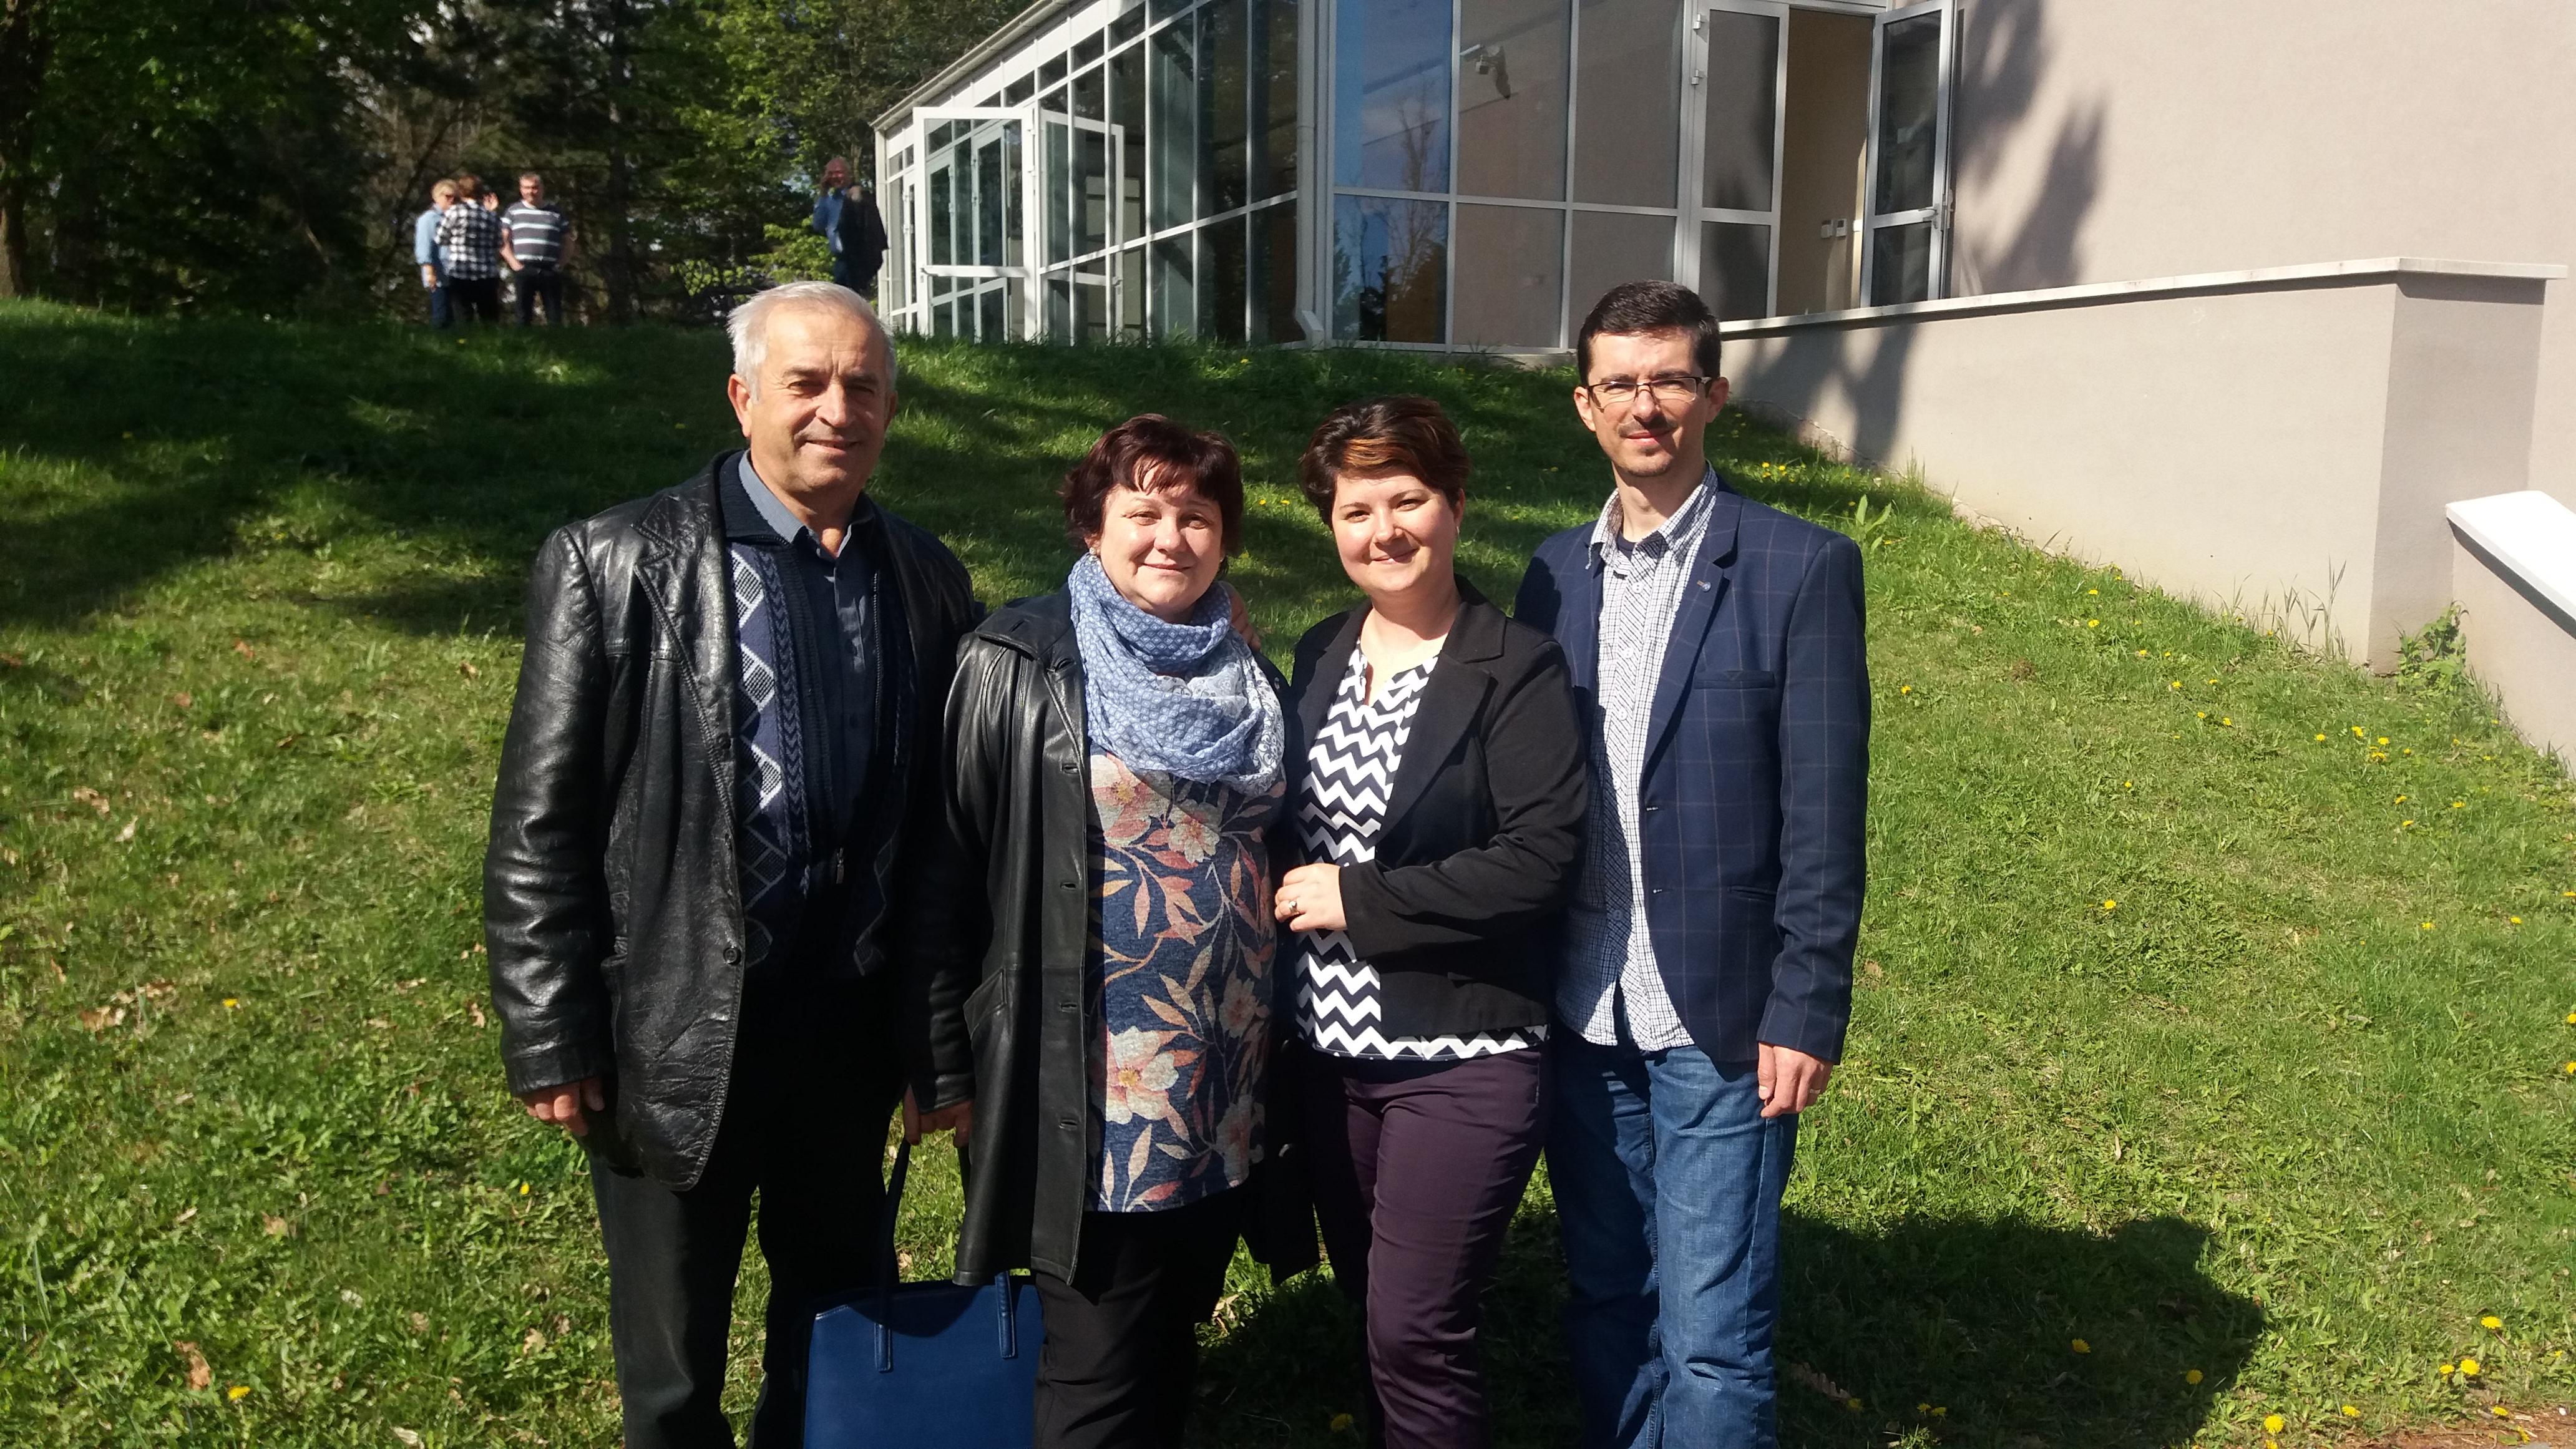 Meleg Miklós, Melegné Liszkai Katalin, Kovács Anrdea és Kovács Levente a 2017. áprilisi, szilvásváradi vezetőképzőn